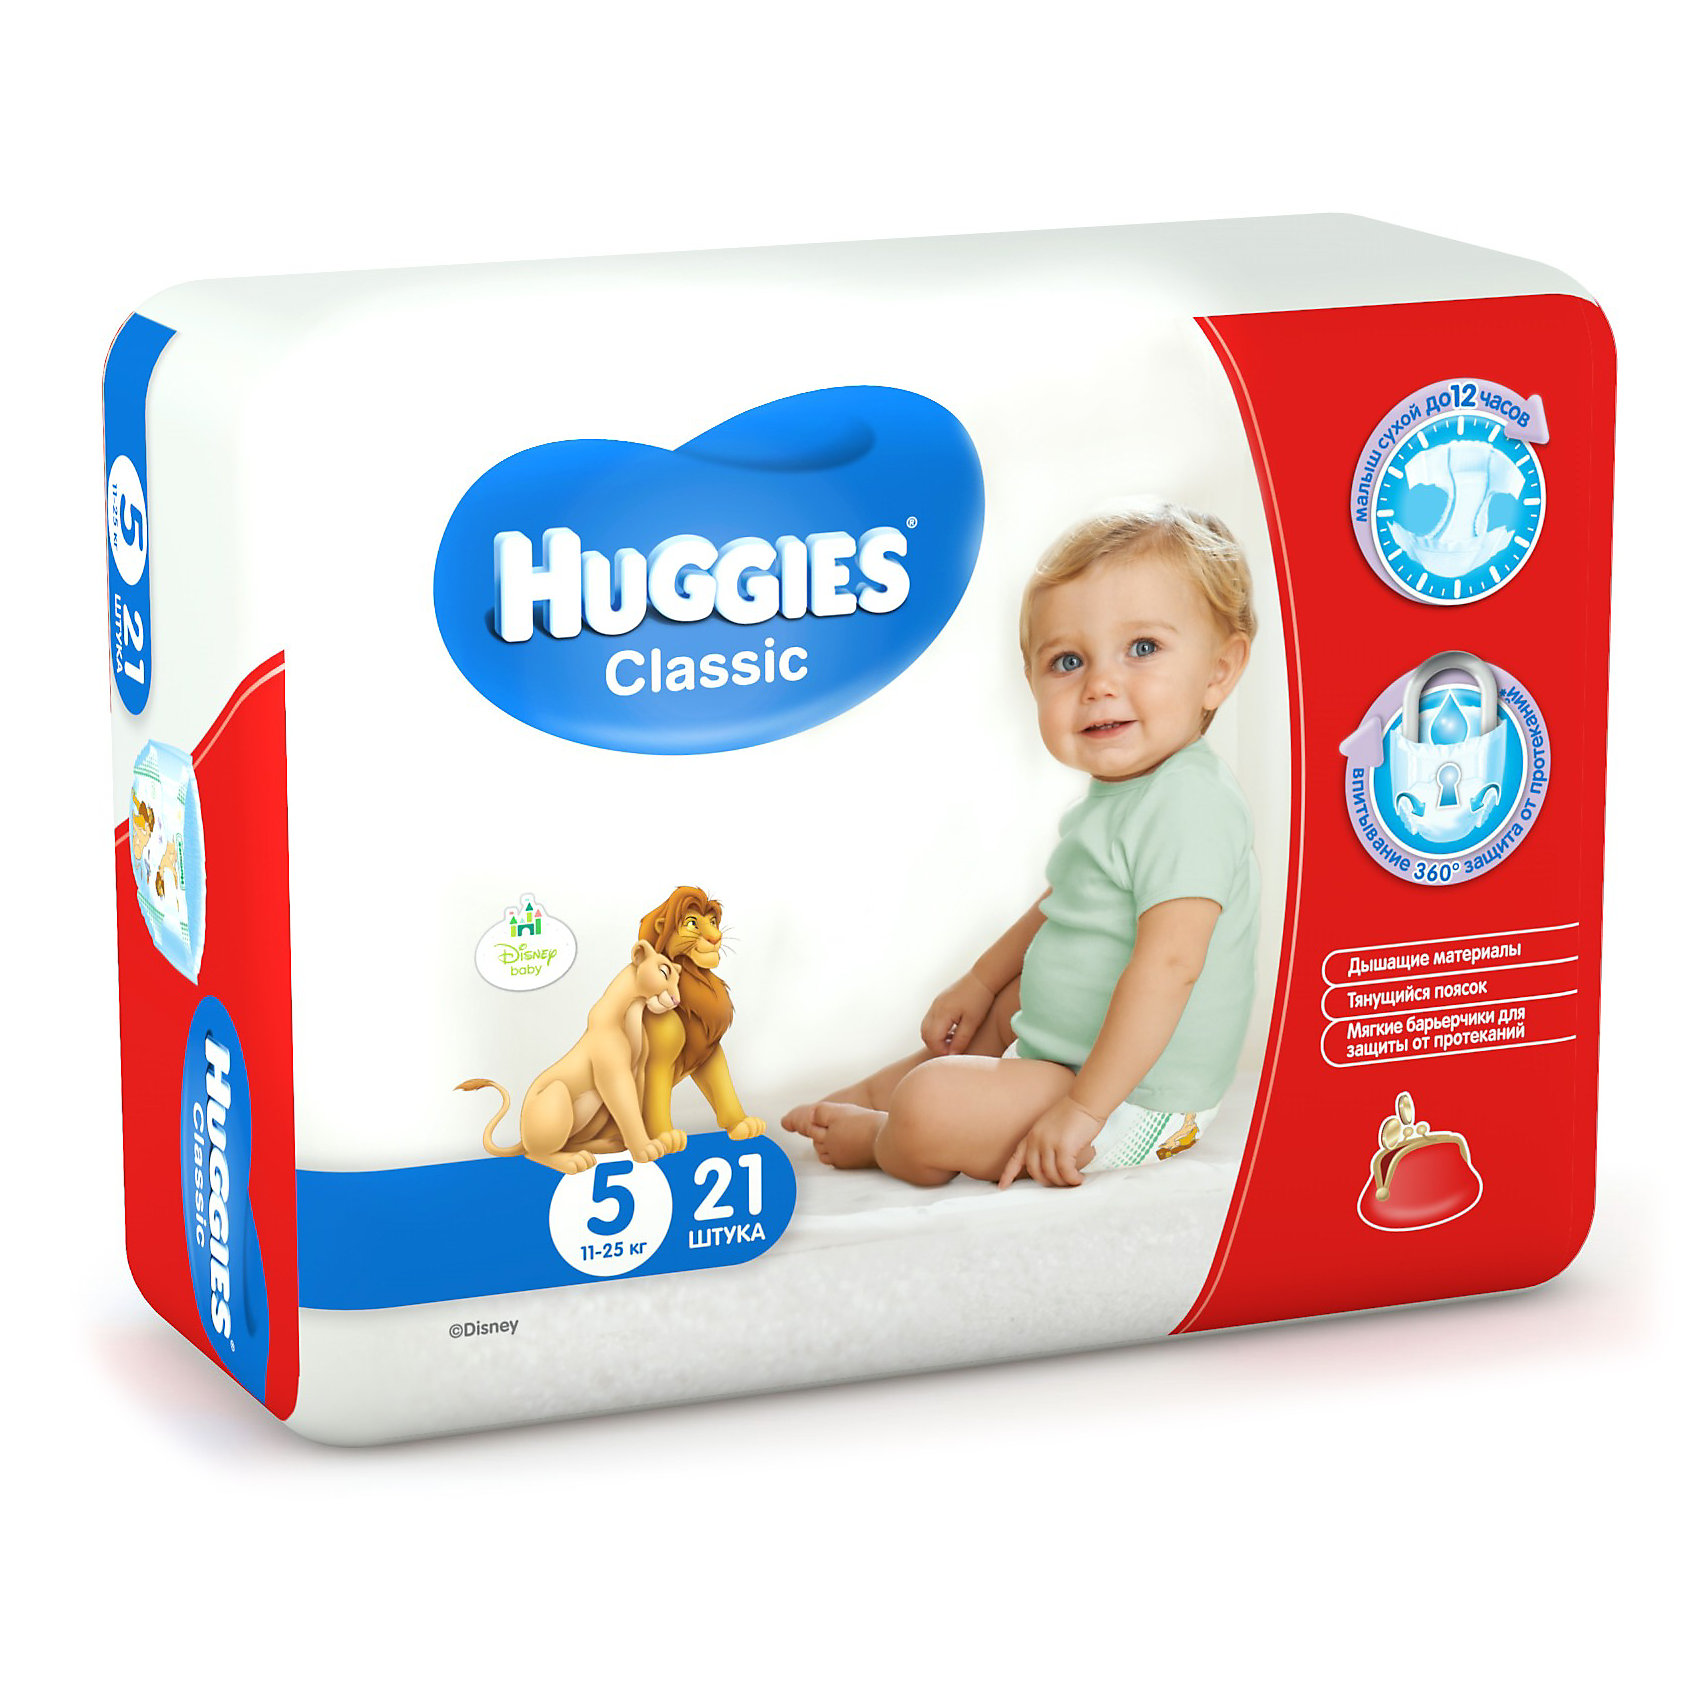 Подгузники Huggies Classic (5) Econom Pack 11-25 кг, 21 шт.Подгузники 5-12 кг.<br>HUGGIES Classic с технологией защиты от протекания 360° впитывают до 12 часов!<br><br>Подгузники HUGGIES Classic, сделанные из мягких дышащих материалов, заботятся о комфорте Вашего малыша. Специальный блок-гель в подгузниках запирает влагу на замок до 12 часов, сохраняя кожу малыша сухой, а технология 360° - мягкие эластичные барьерчики и тянущийся поясок помогают предотвратить протекания вокруг ножек и по спинке.<br><br>Вашему малышу в подгузниках HUGGIES Classic будет сухо и комфортно!<br><br>Дополнительная информация:<br><br>Размер: 5, 11-25 кг.<br>В упаковке: 21 шт.<br><br>Подгузники Huggies Classic (5) Econom Pack 11-25 кг, 21 шт. можно купить в нашем интернет-магазине.<br><br>Ширина мм: 396<br>Глубина мм: 237<br>Высота мм: 324<br>Вес г: 766<br>Возраст от месяцев: 12<br>Возраст до месяцев: 84<br>Пол: Унисекс<br>Возраст: Детский<br>SKU: 3389840